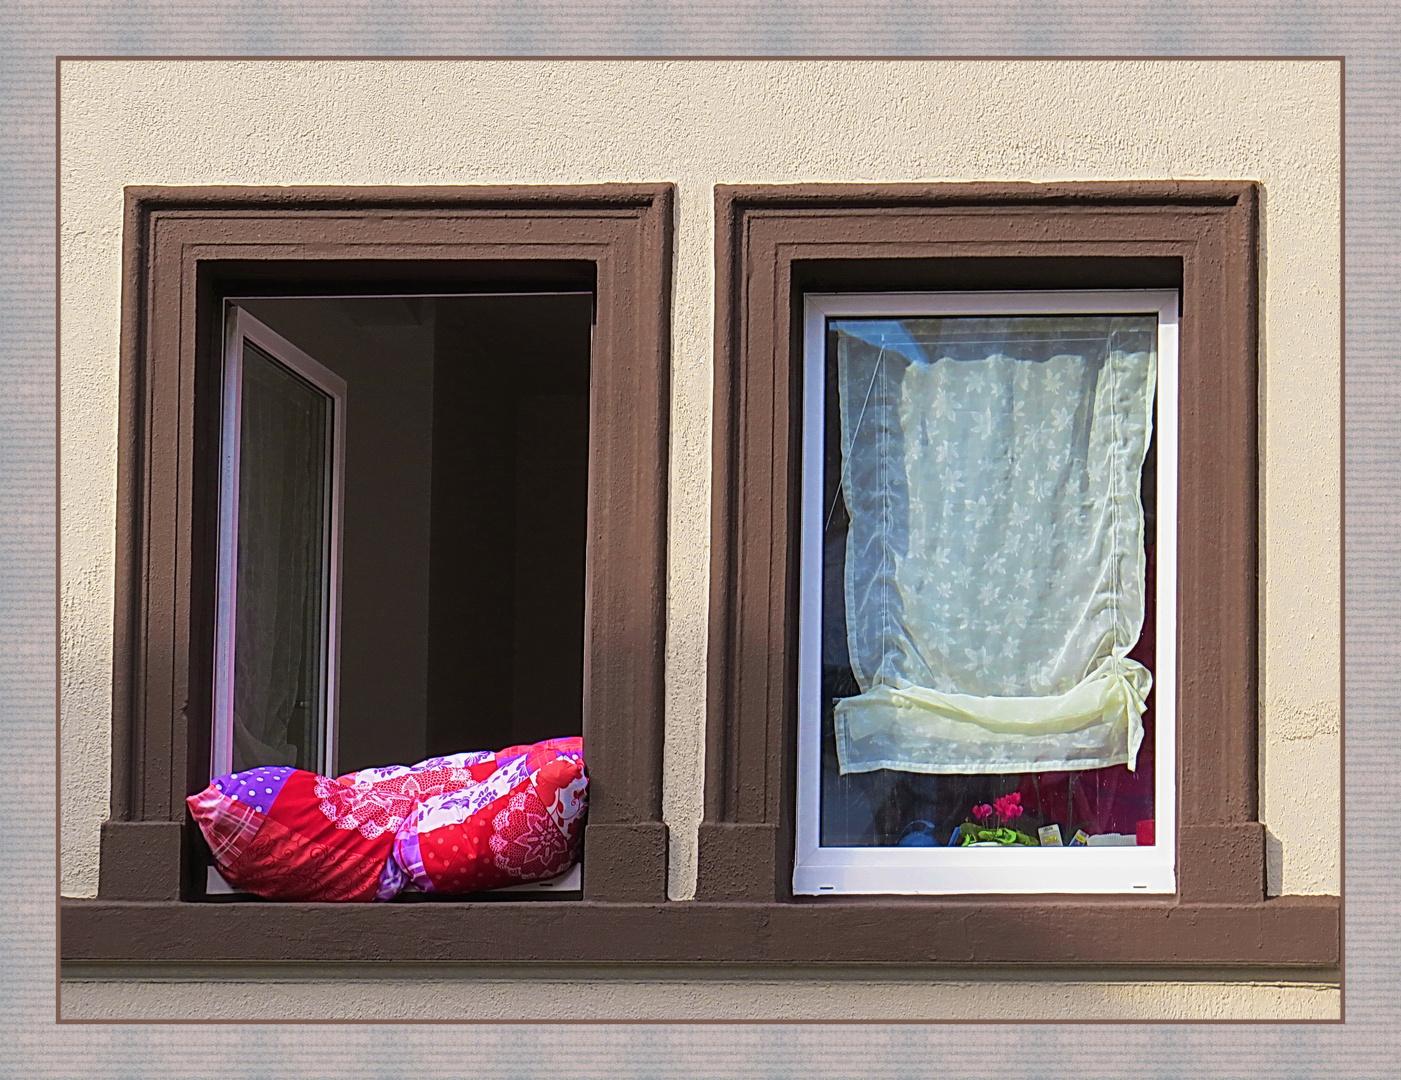 Dortmund/Nordstadt : türkische Familie - erinnert mich sehr stark an meine Kindheit,